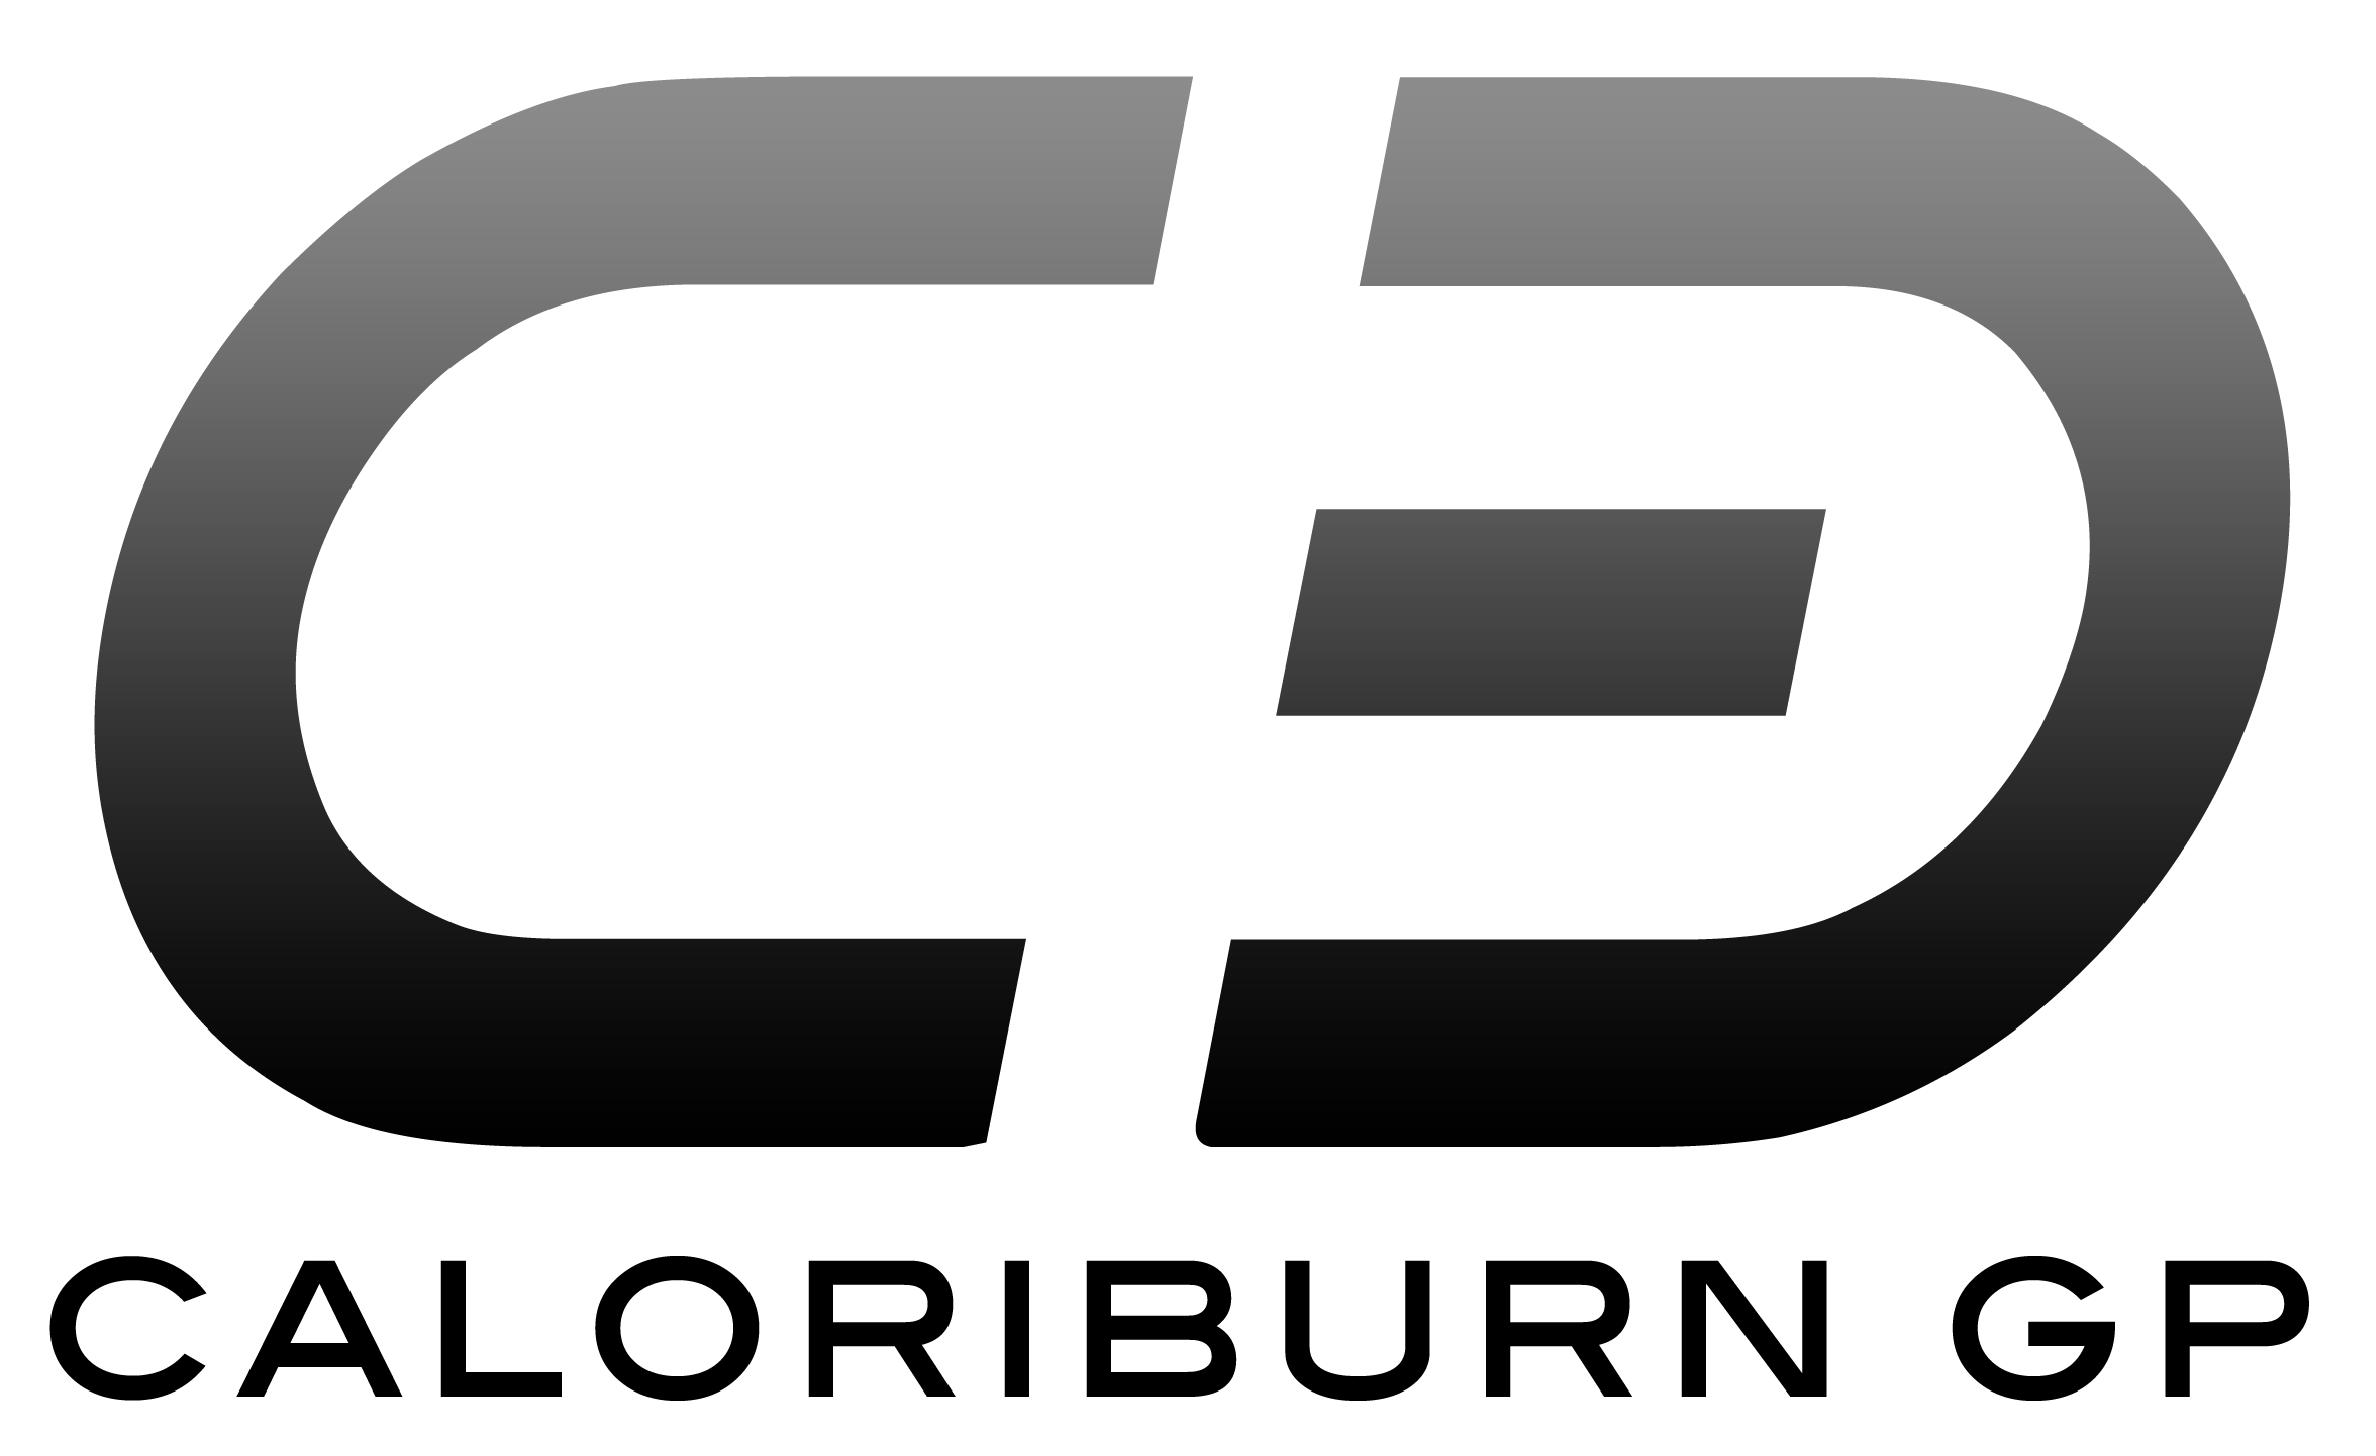 CaloriBurn GP.png